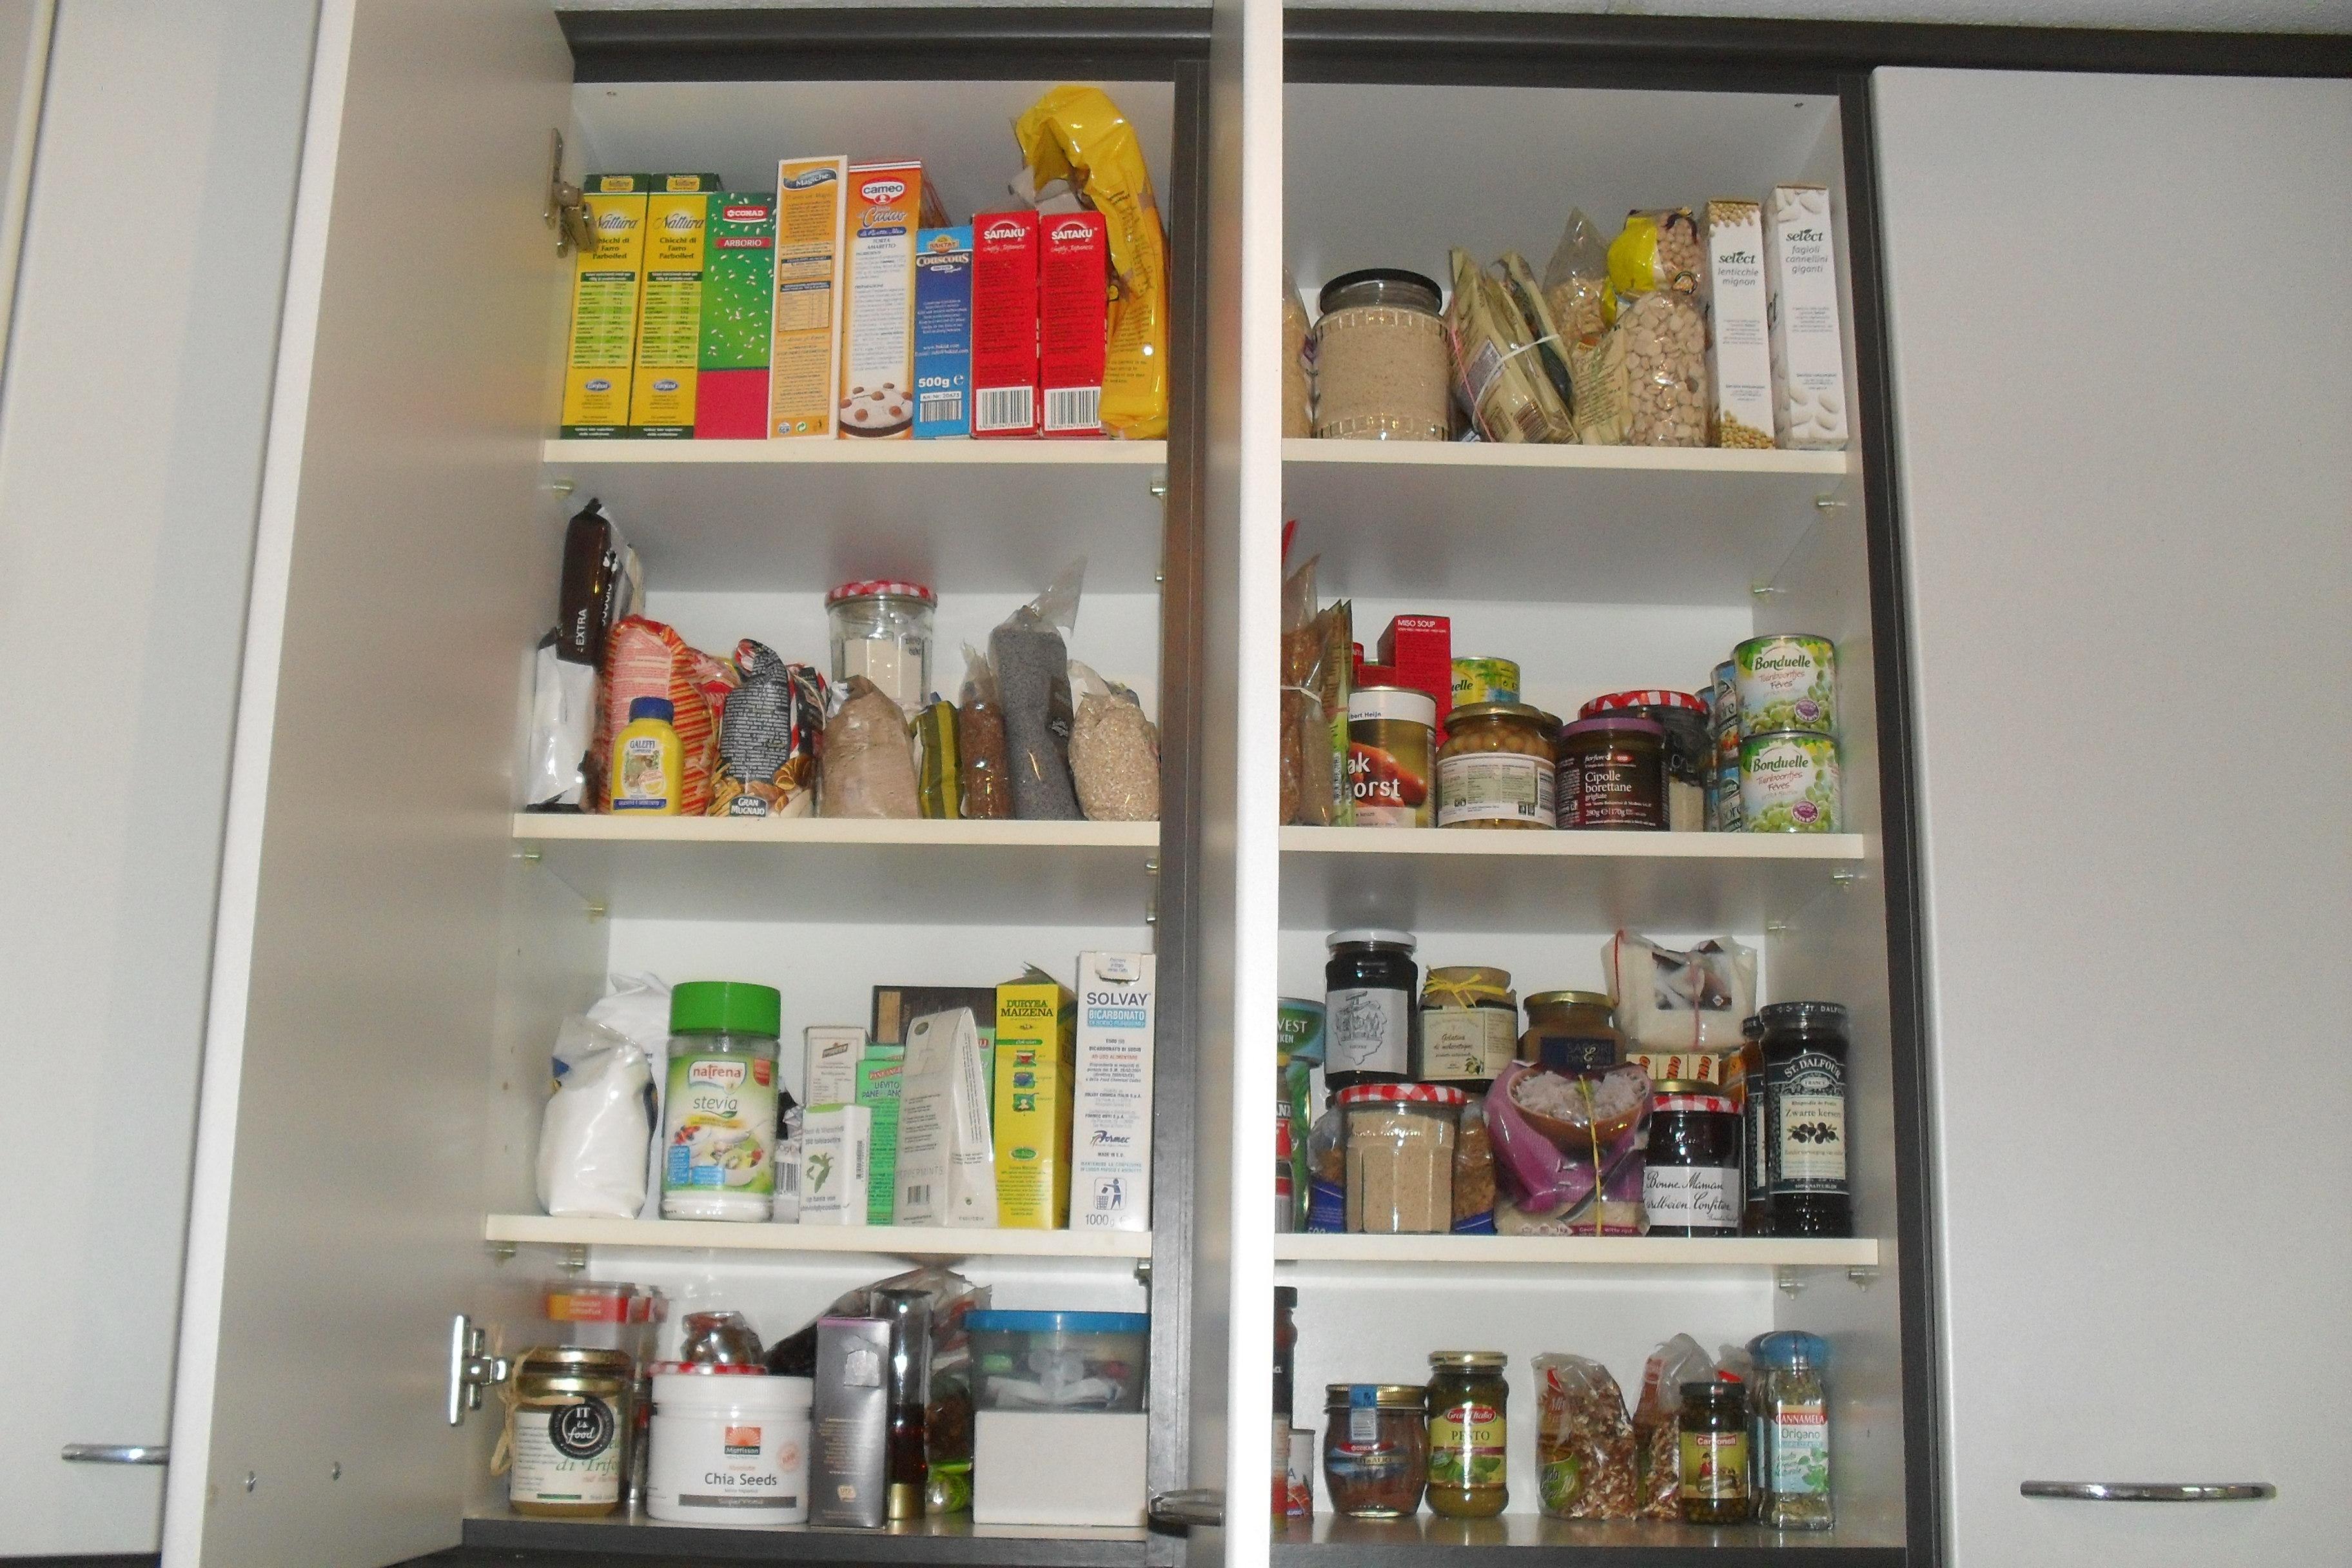 Diario di una dieta giorno 360 mangia senza pancia - Riordinare la cucina ...